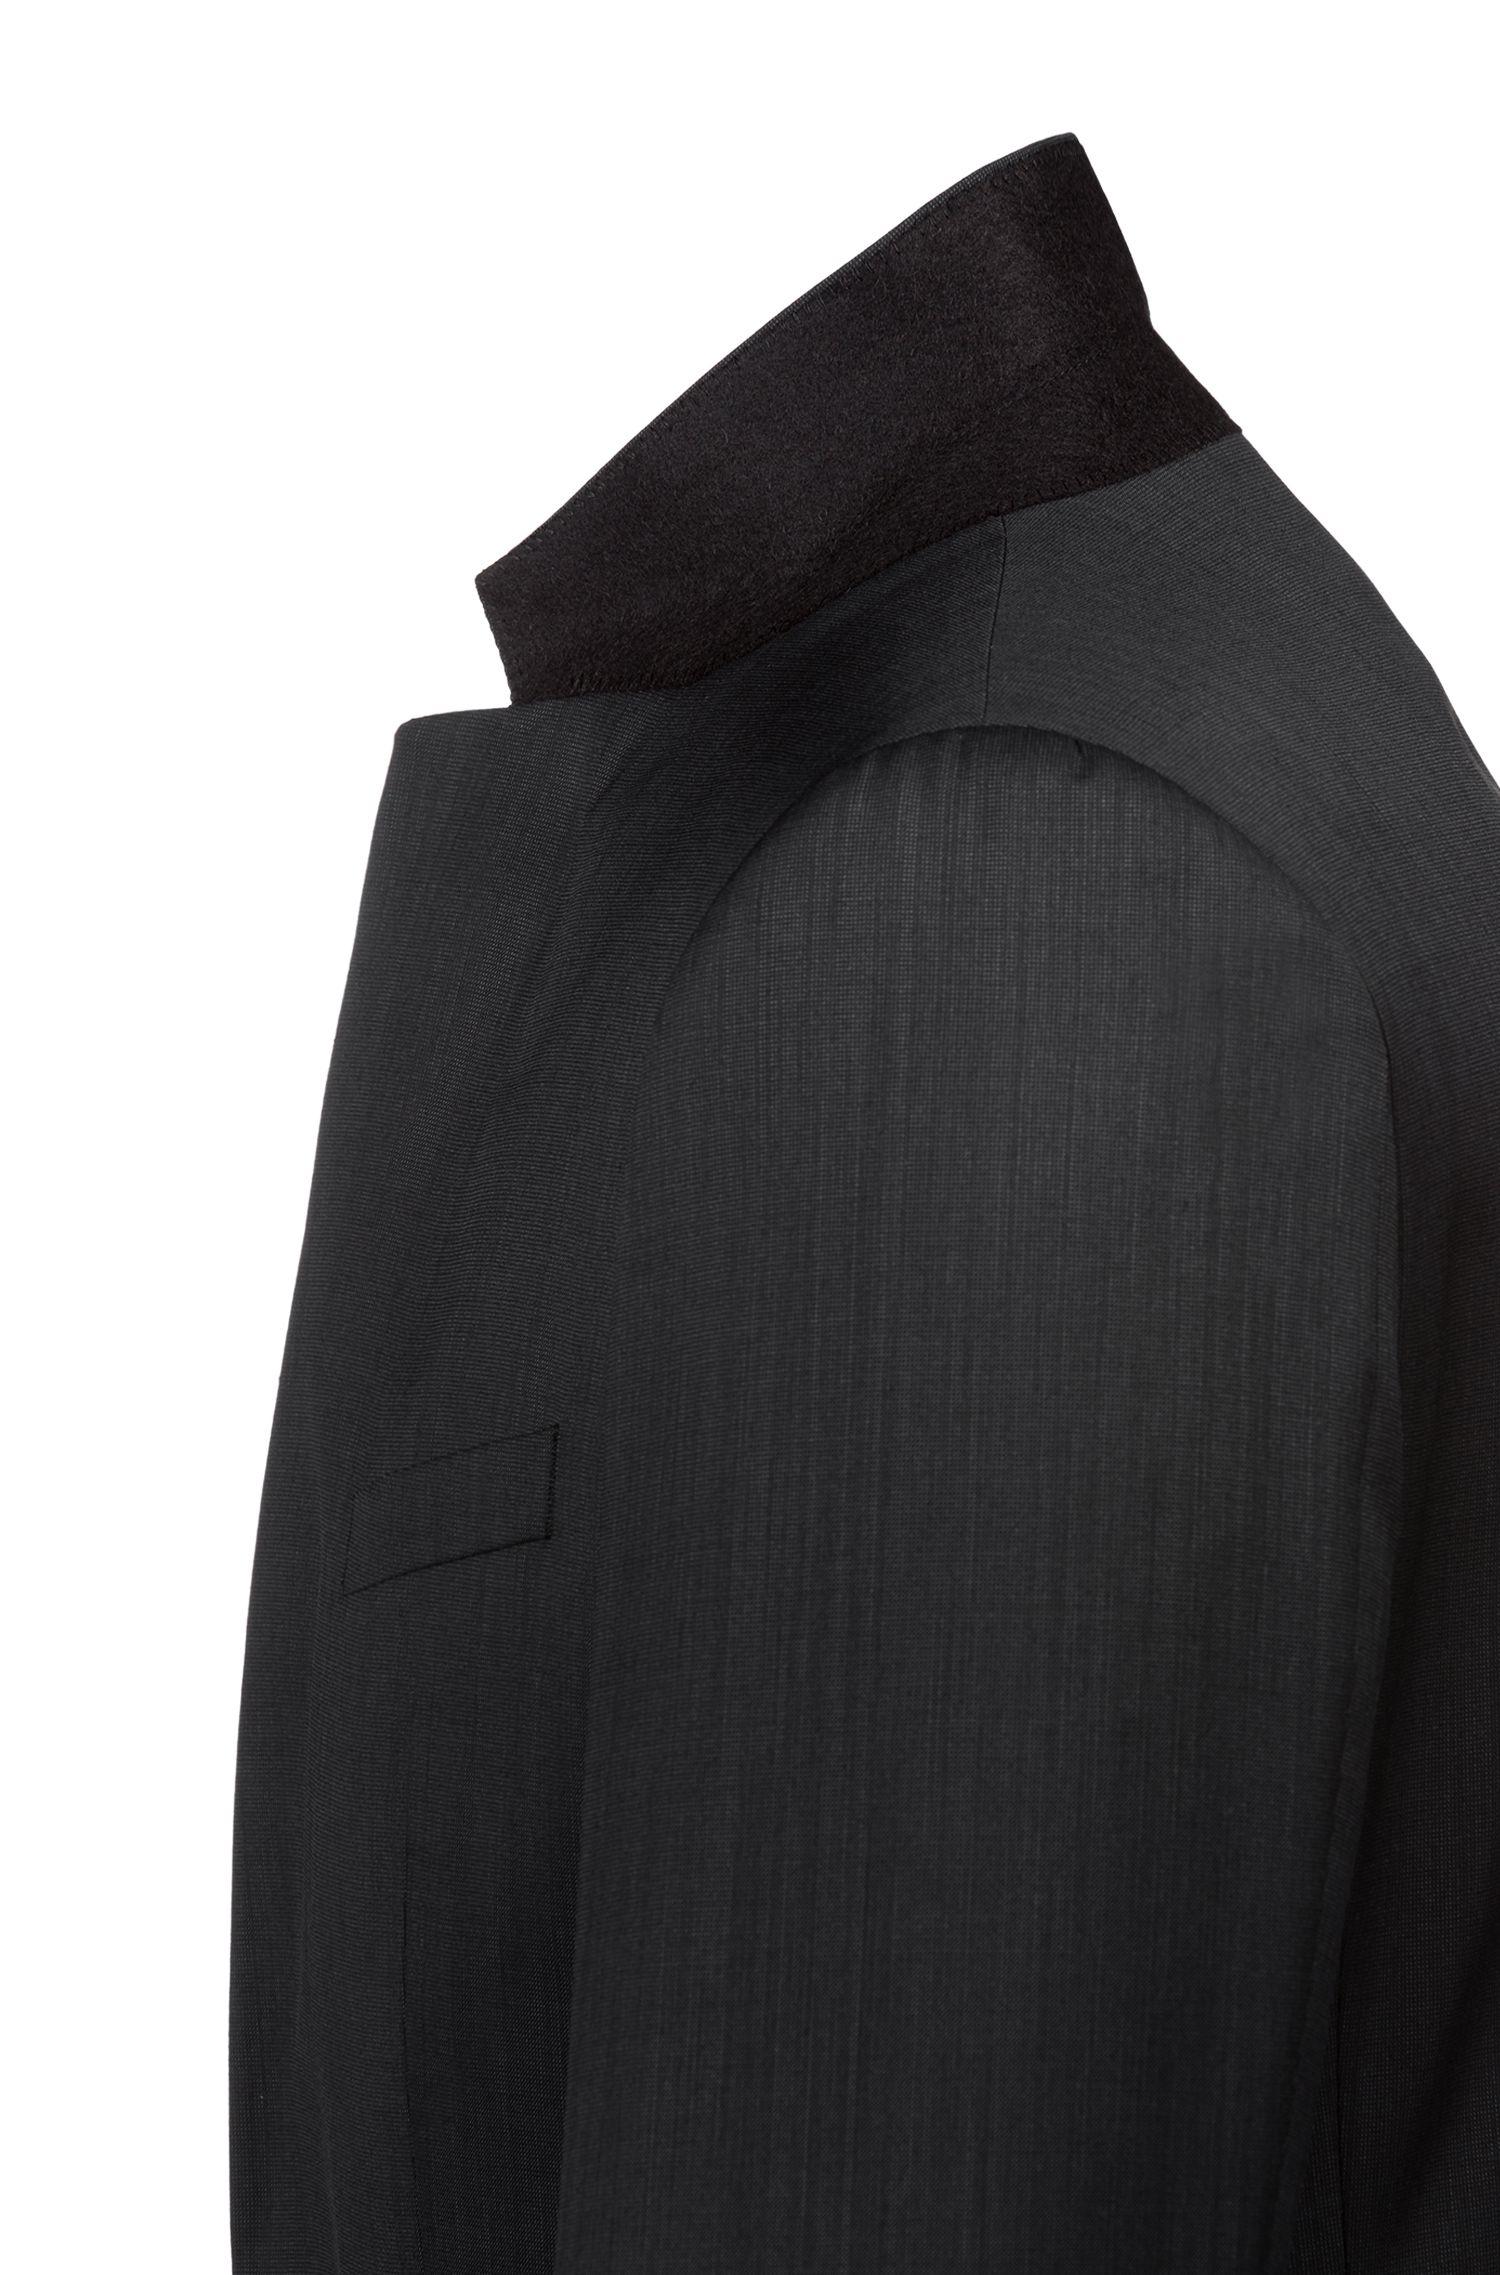 Costume Extra Slim Fit en laine vierge mélangée bicolore, Noir